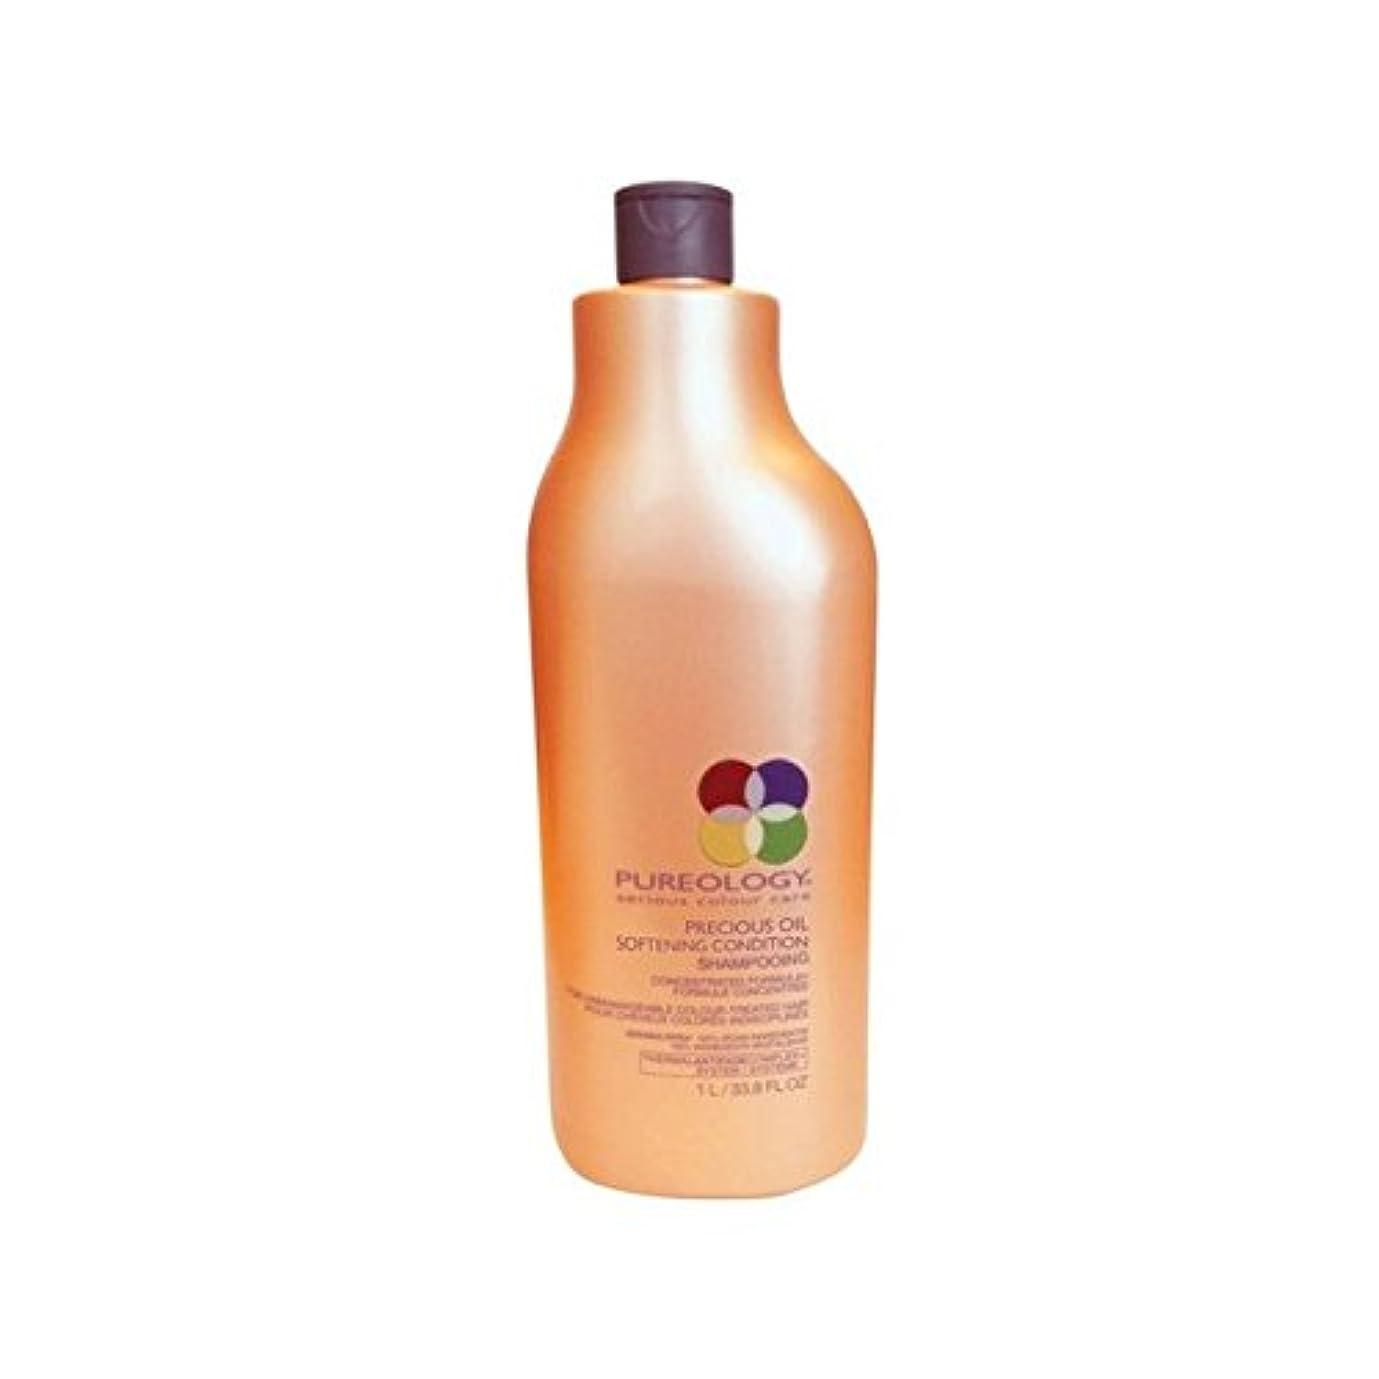 ホイップメルボルンのため貴重なオイルコンディショナー(千ミリリットル) x2 - Pureology Precious Oil Conditioner (1000ml) (Pack of 2) [並行輸入品]